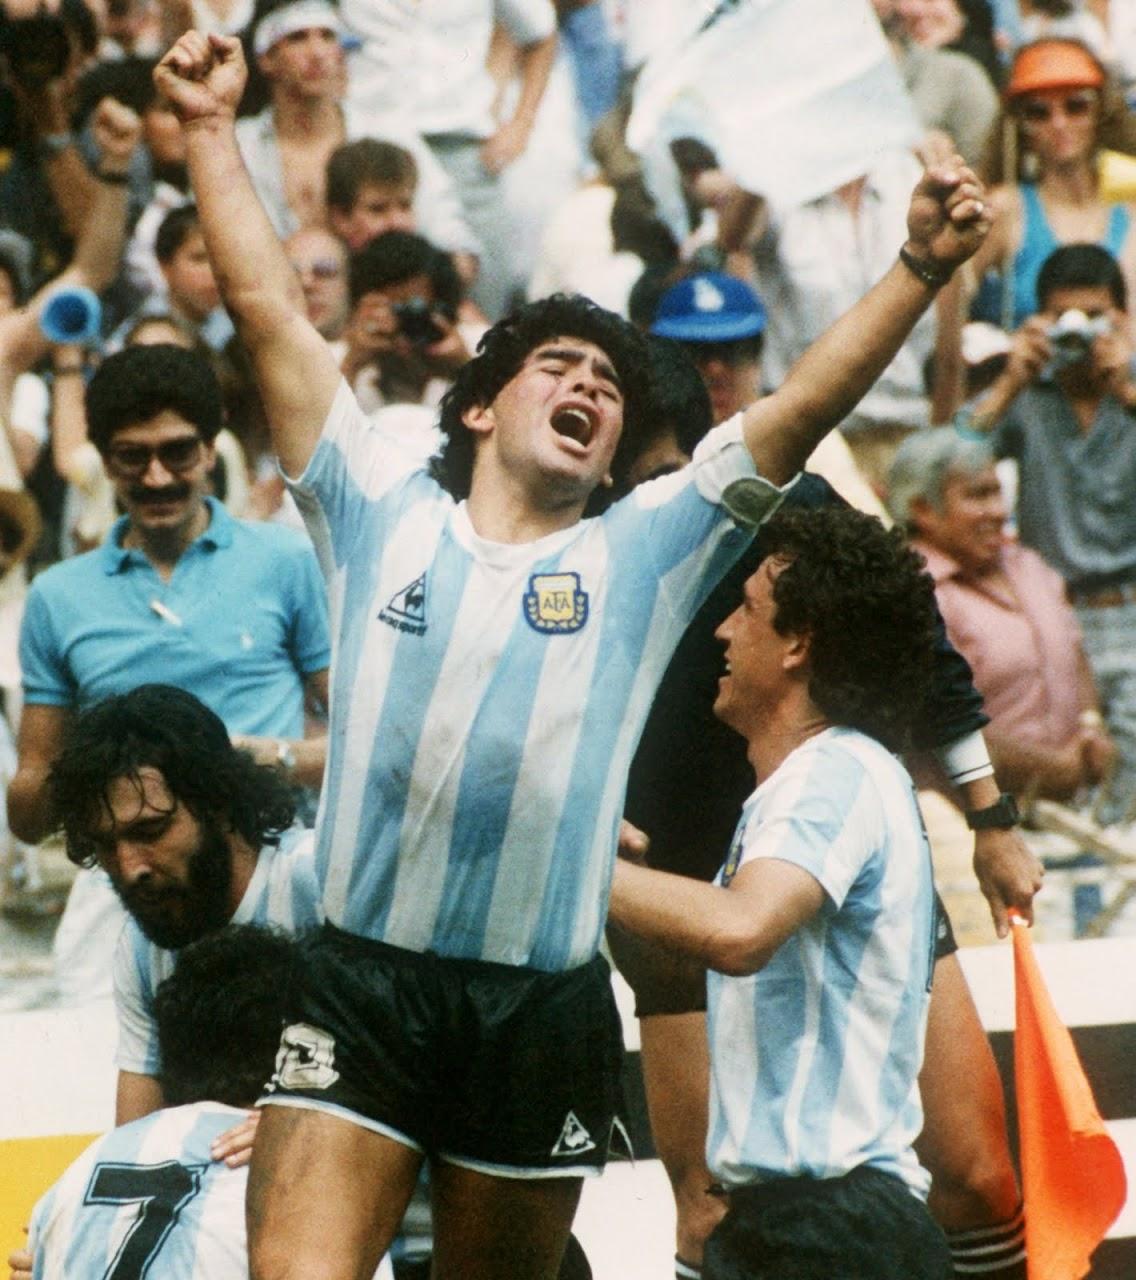 http://2.bp.blogspot.com/_i6icptBang4/TDCCQx7ATyI/AAAAAAAAAeA/-RLeI_uBm-M/s1280/Maradona.jpg